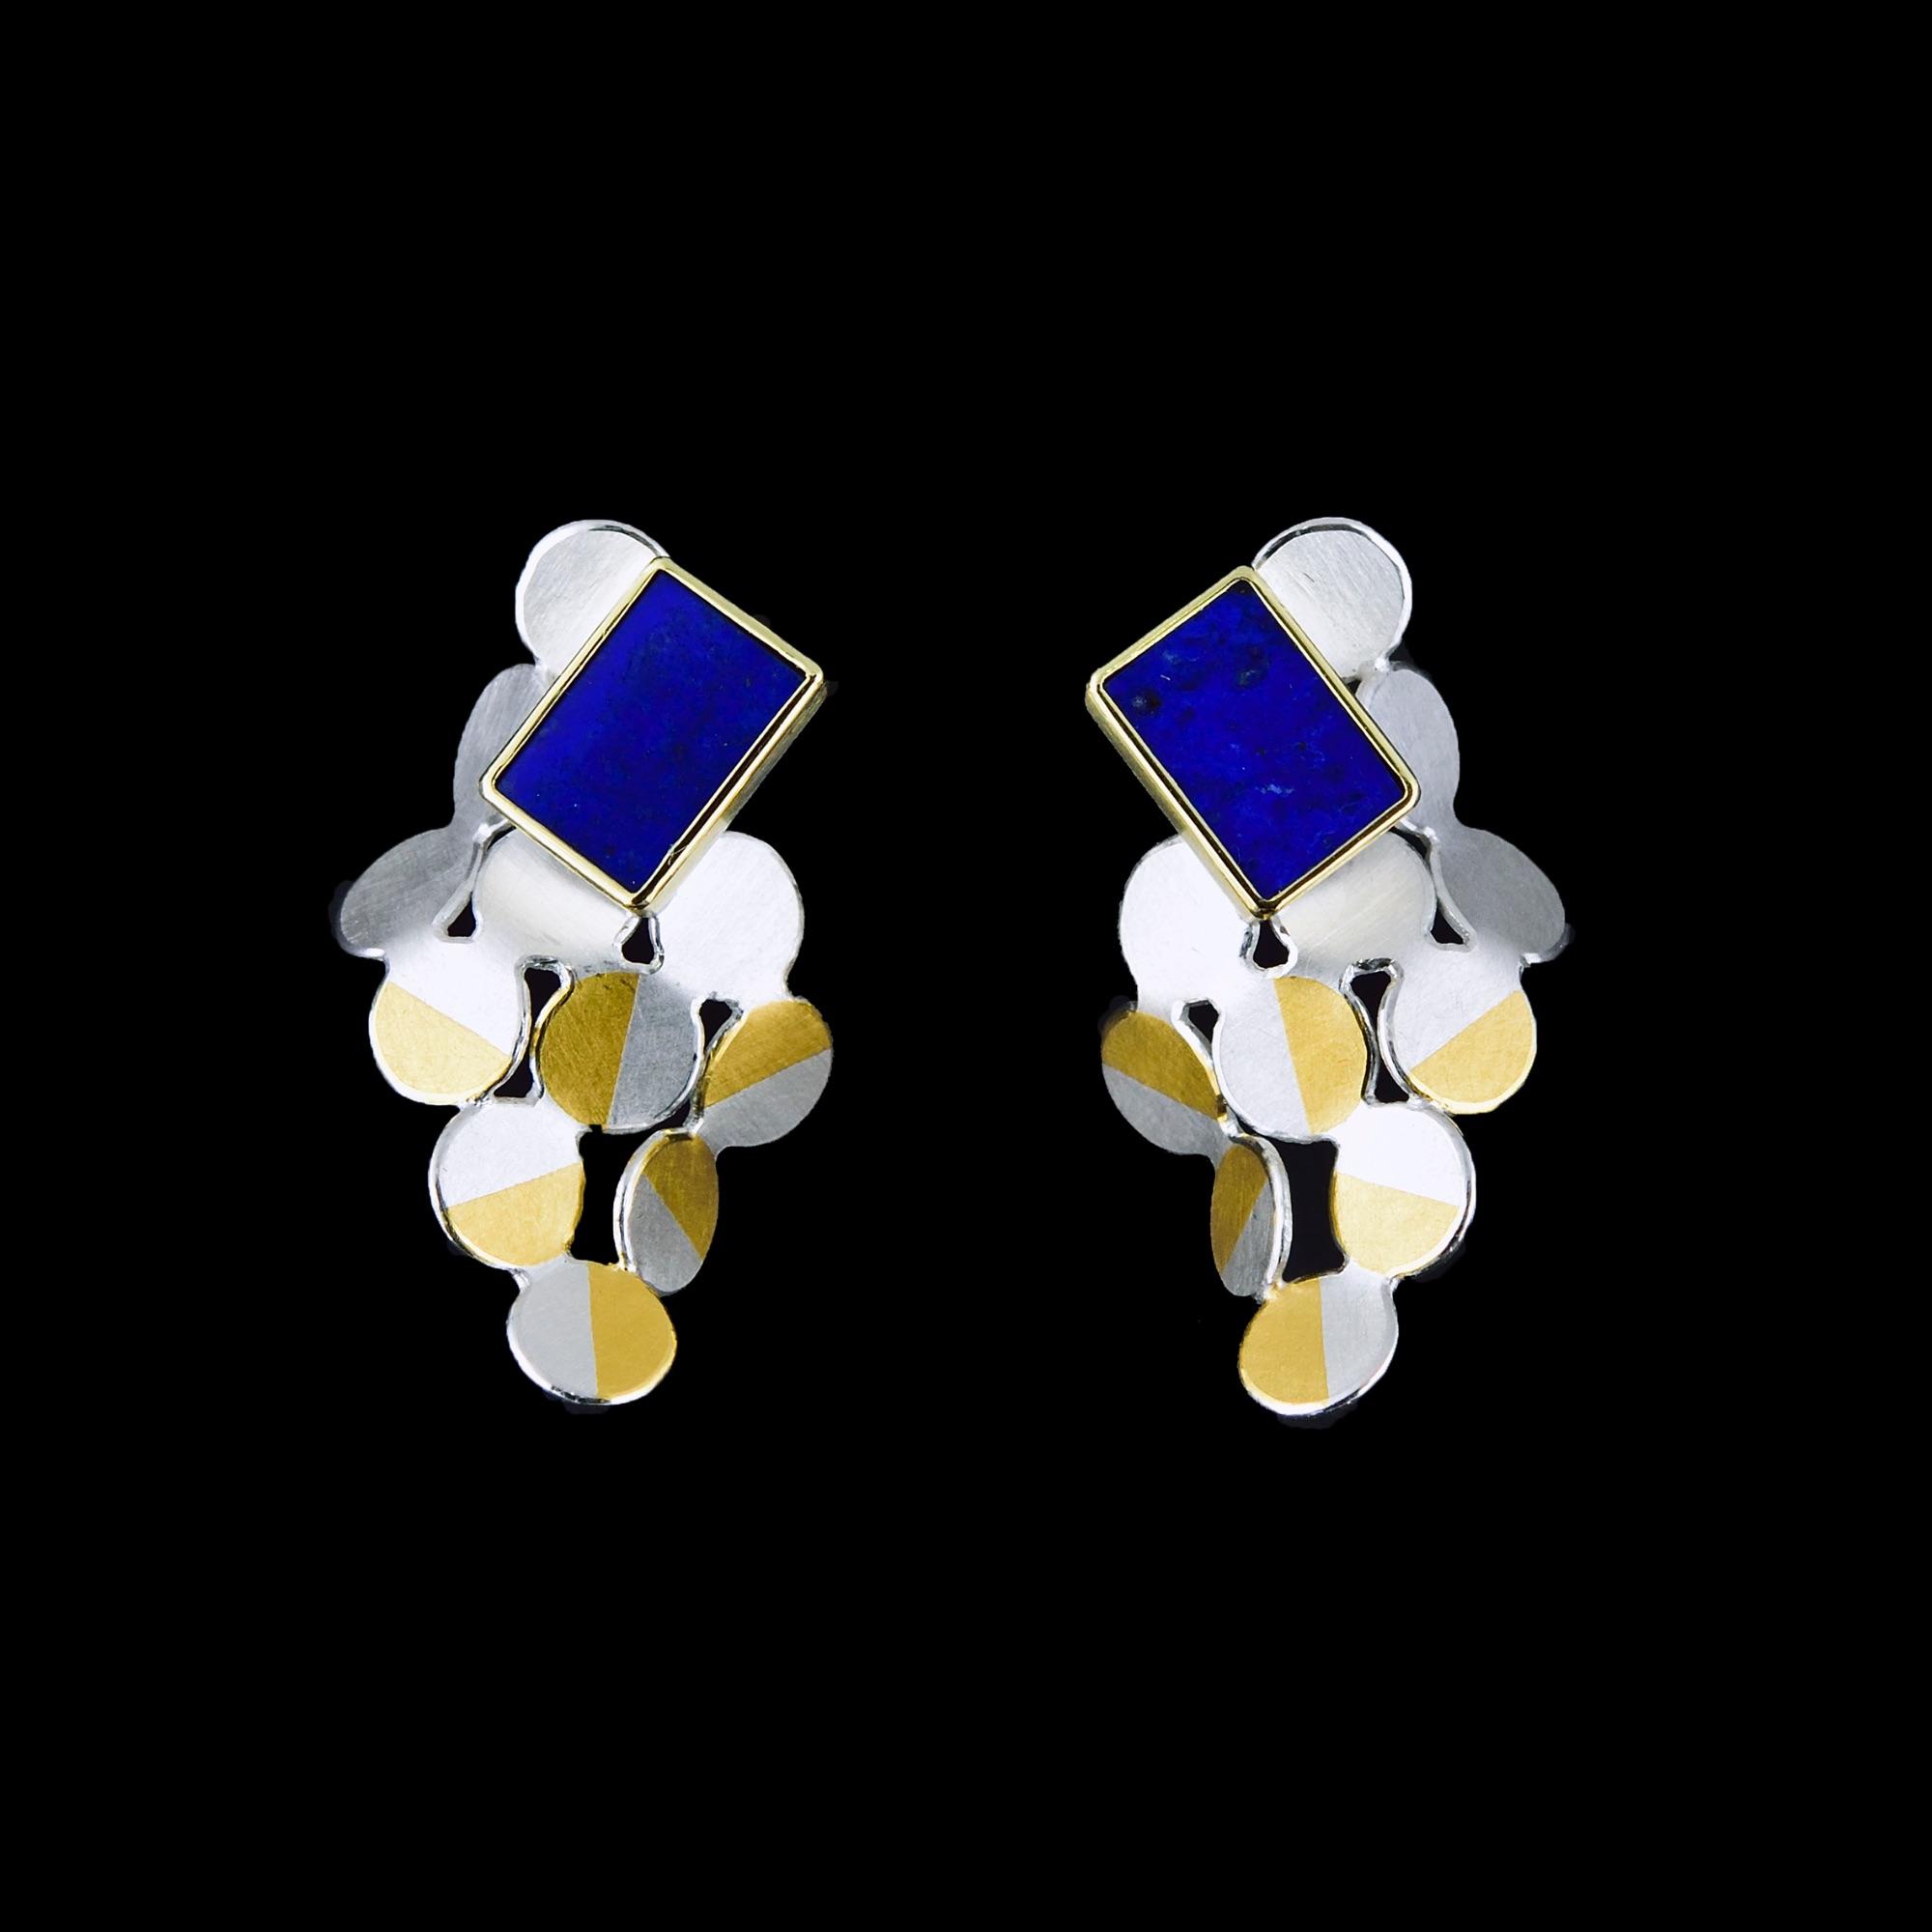 Rhombus lapis earrings